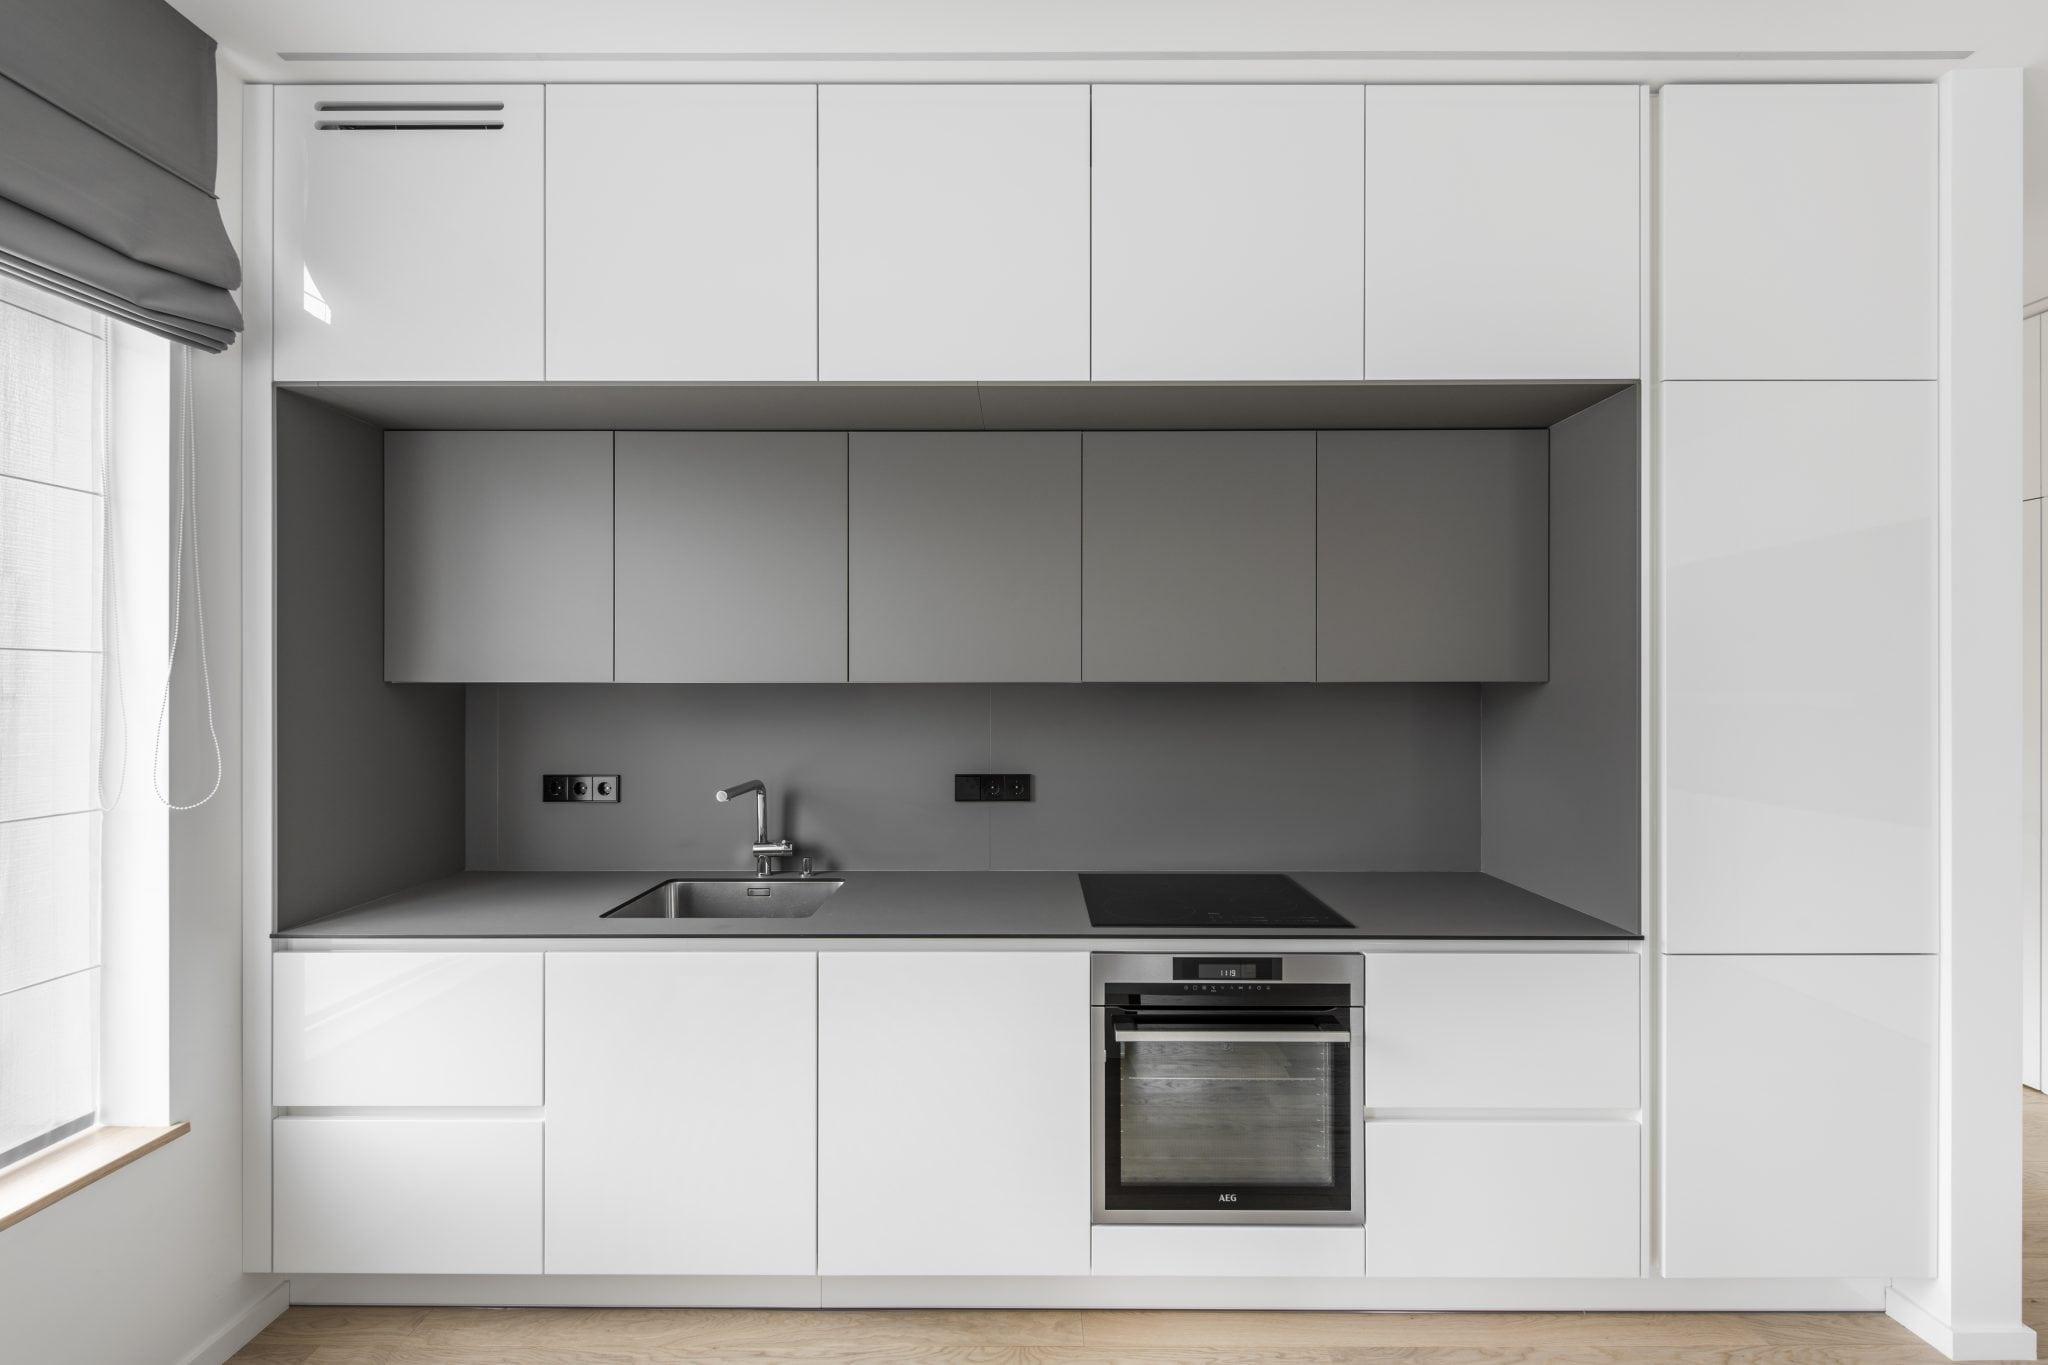 Virtuves baldu komplektas pagal uzsakyma